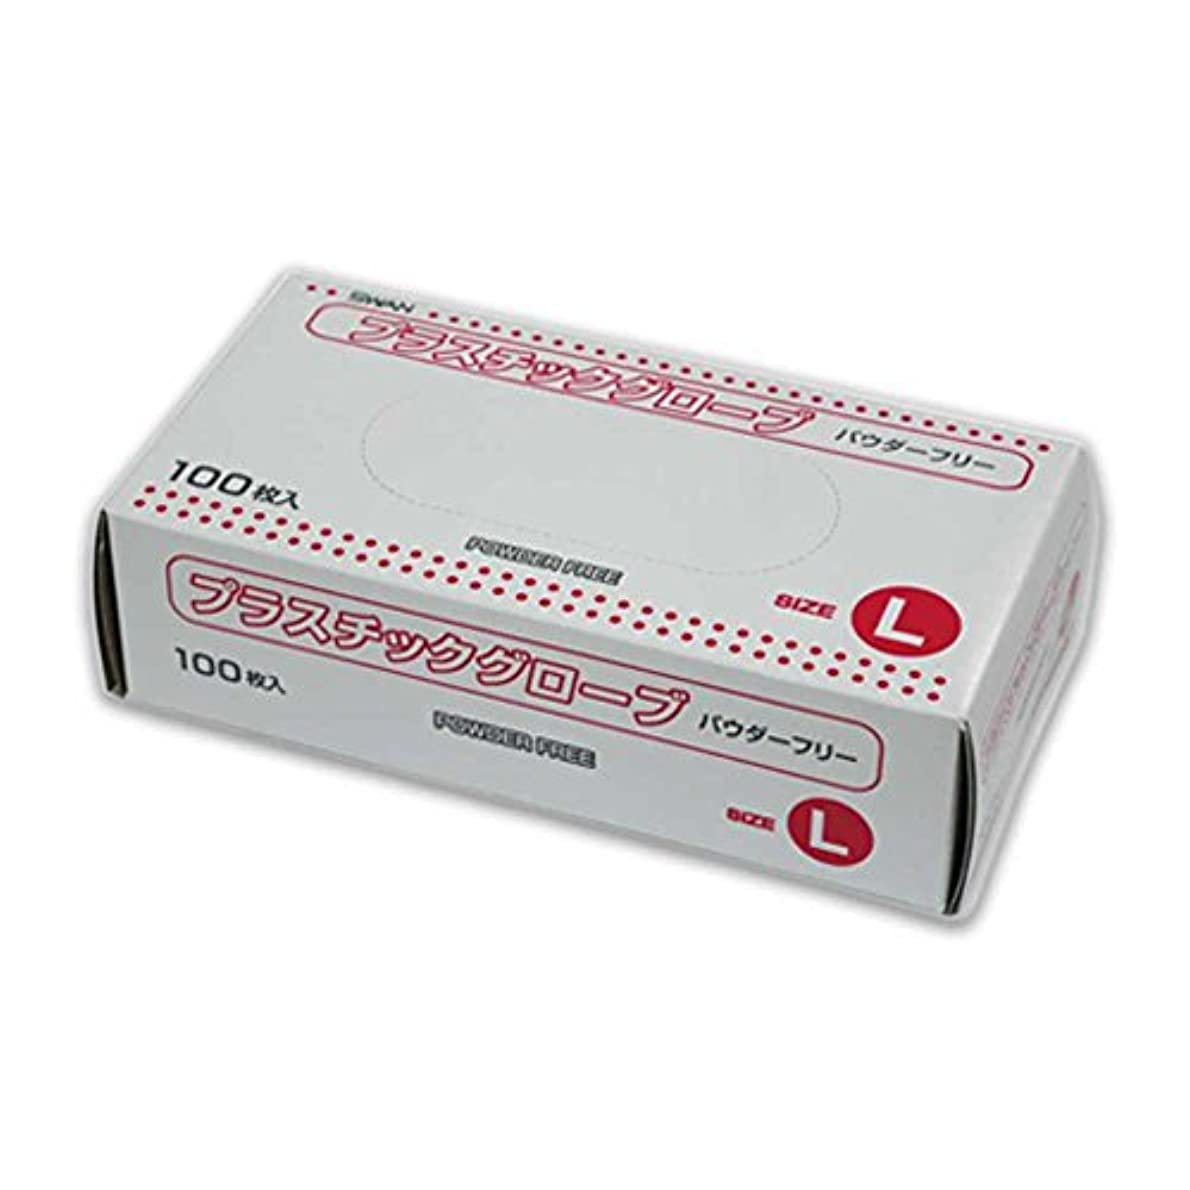 物理お勧め当社ヘイコー 手袋 プラスチック グローブ パウダーフリー L 100枚入 スワン 004783007